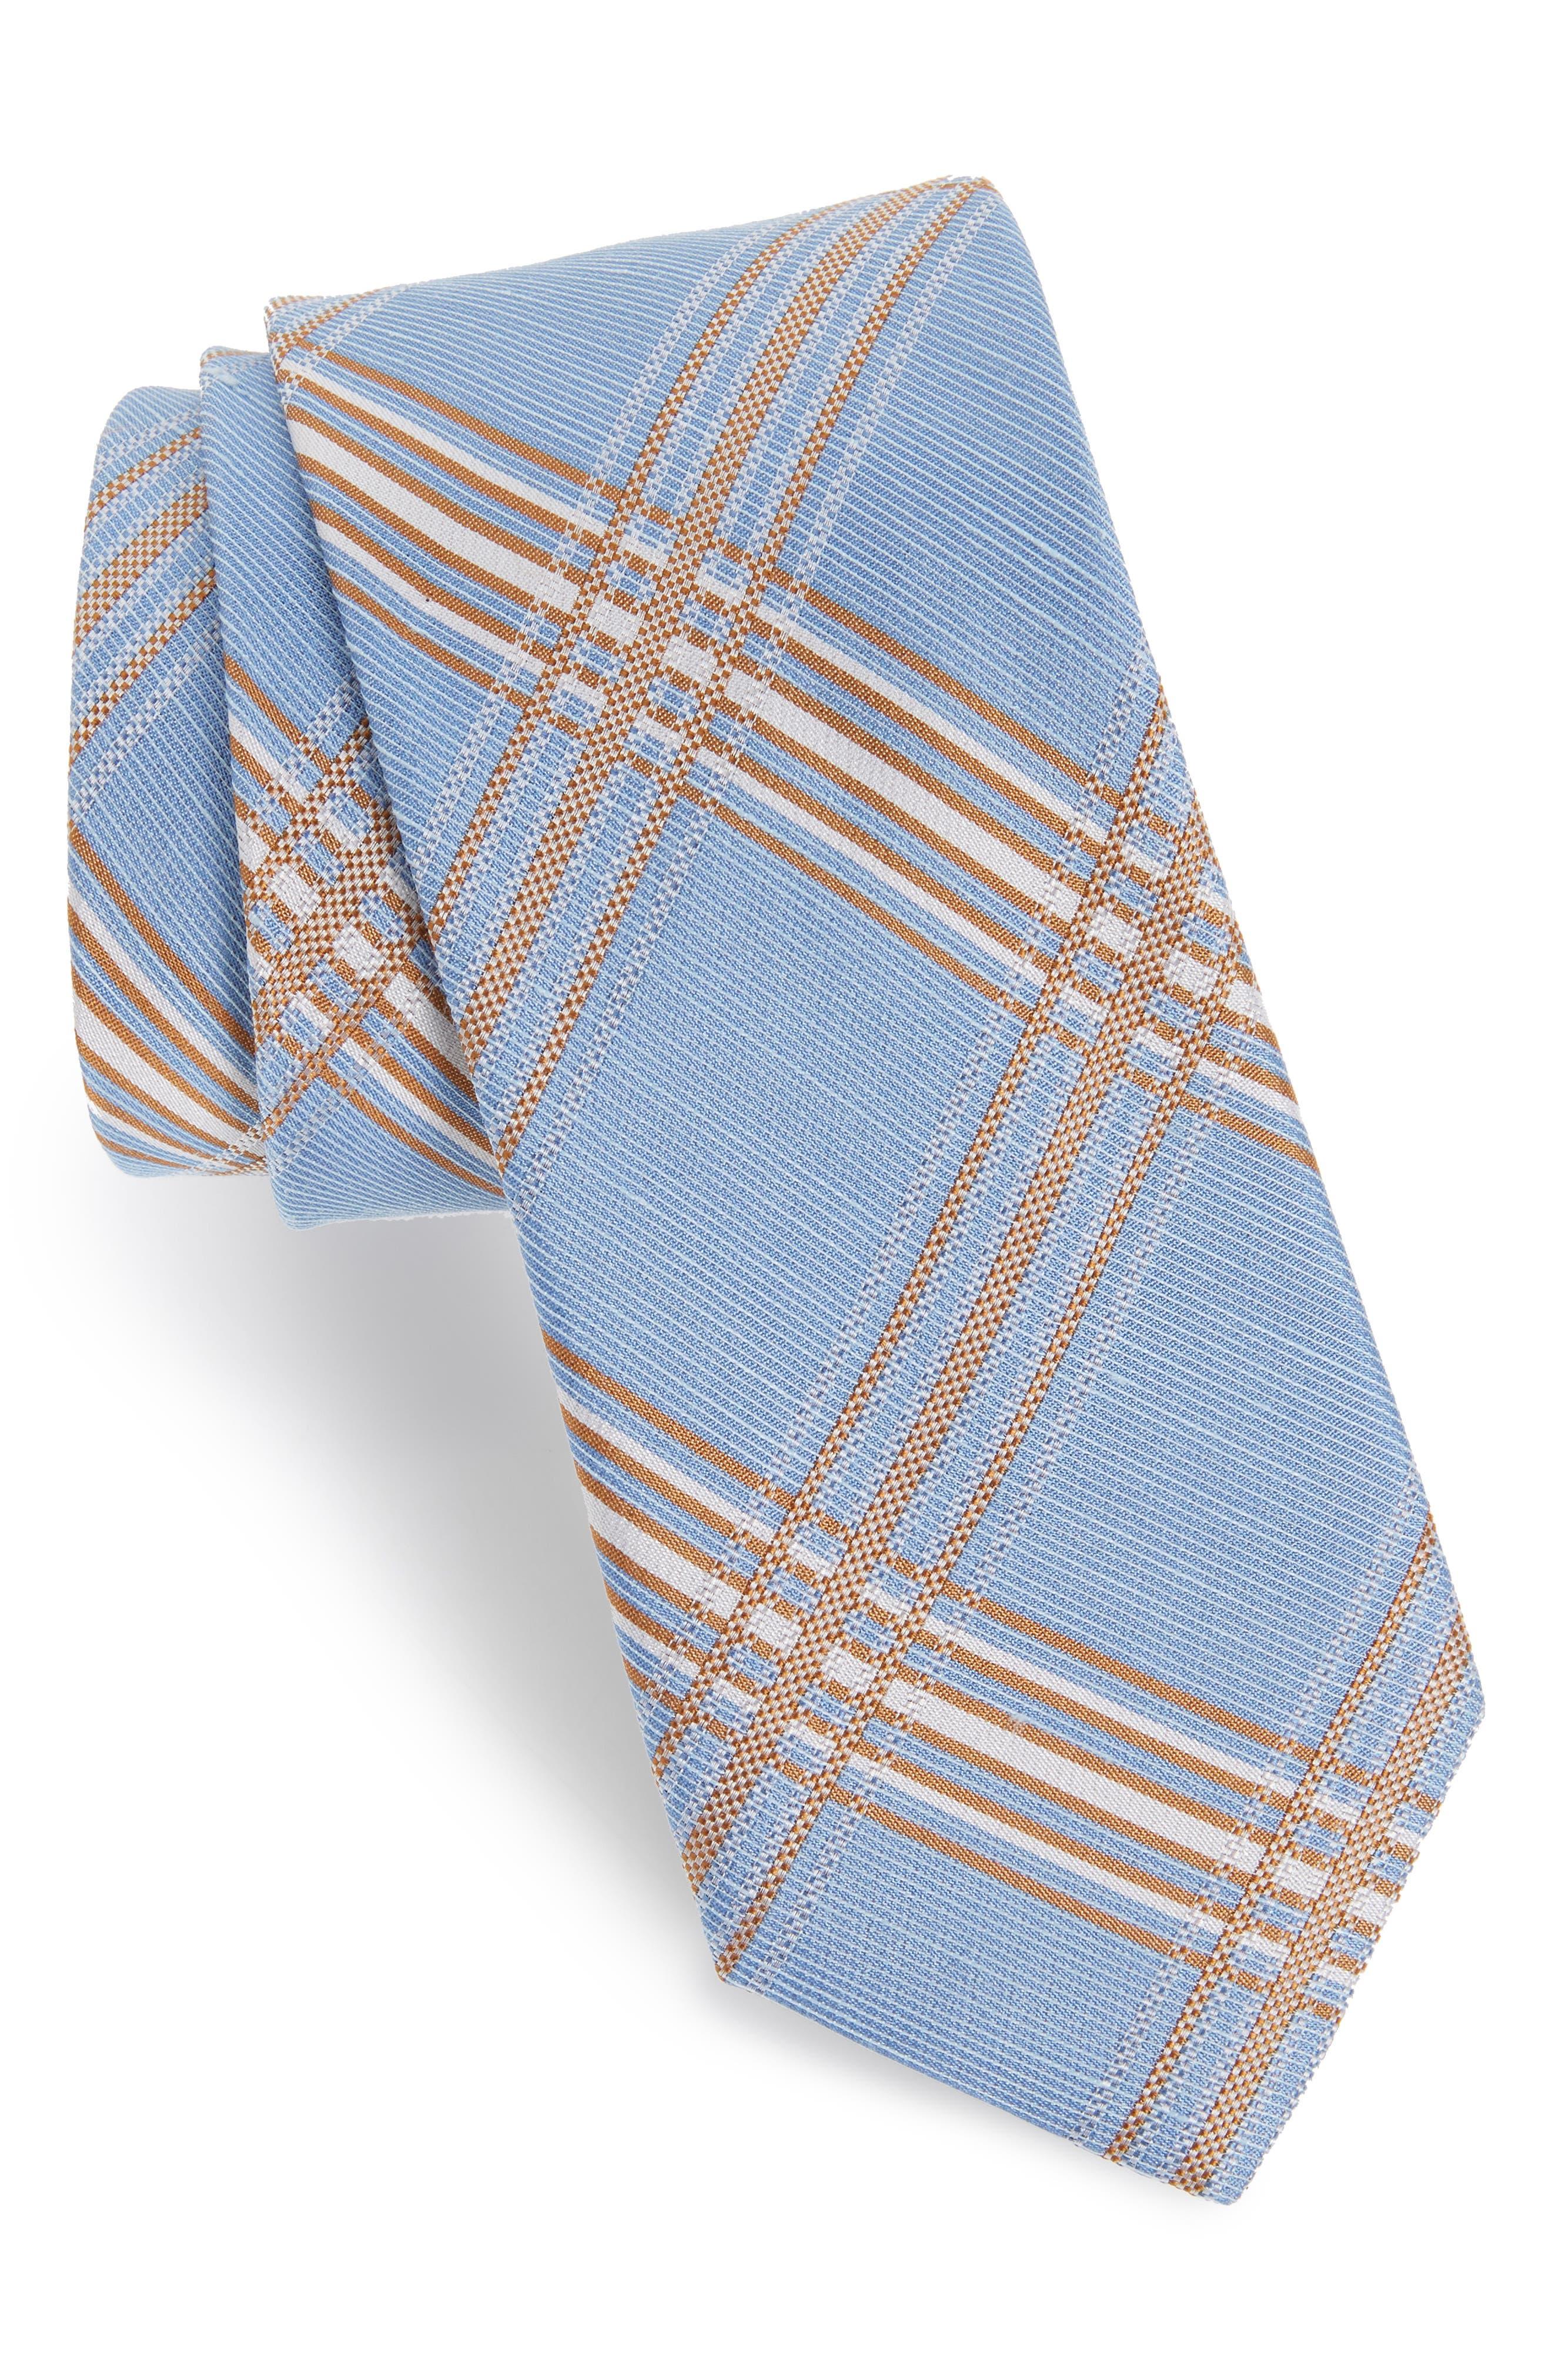 KP Plaid Silk & Linen Tie,                             Main thumbnail 1, color,                             LIGHT BLUE